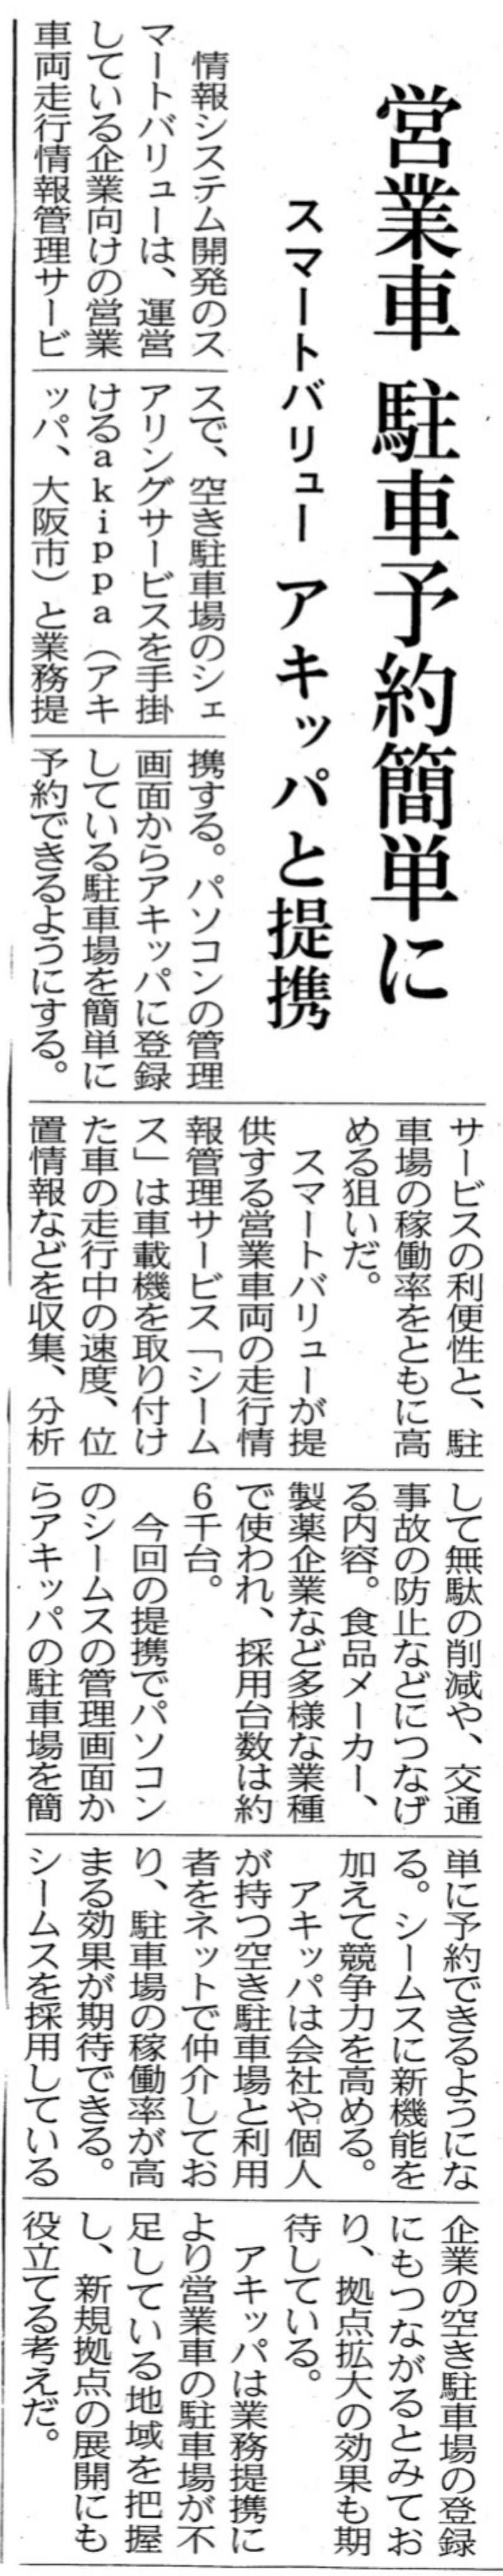 2017年9月1日 日経MJ